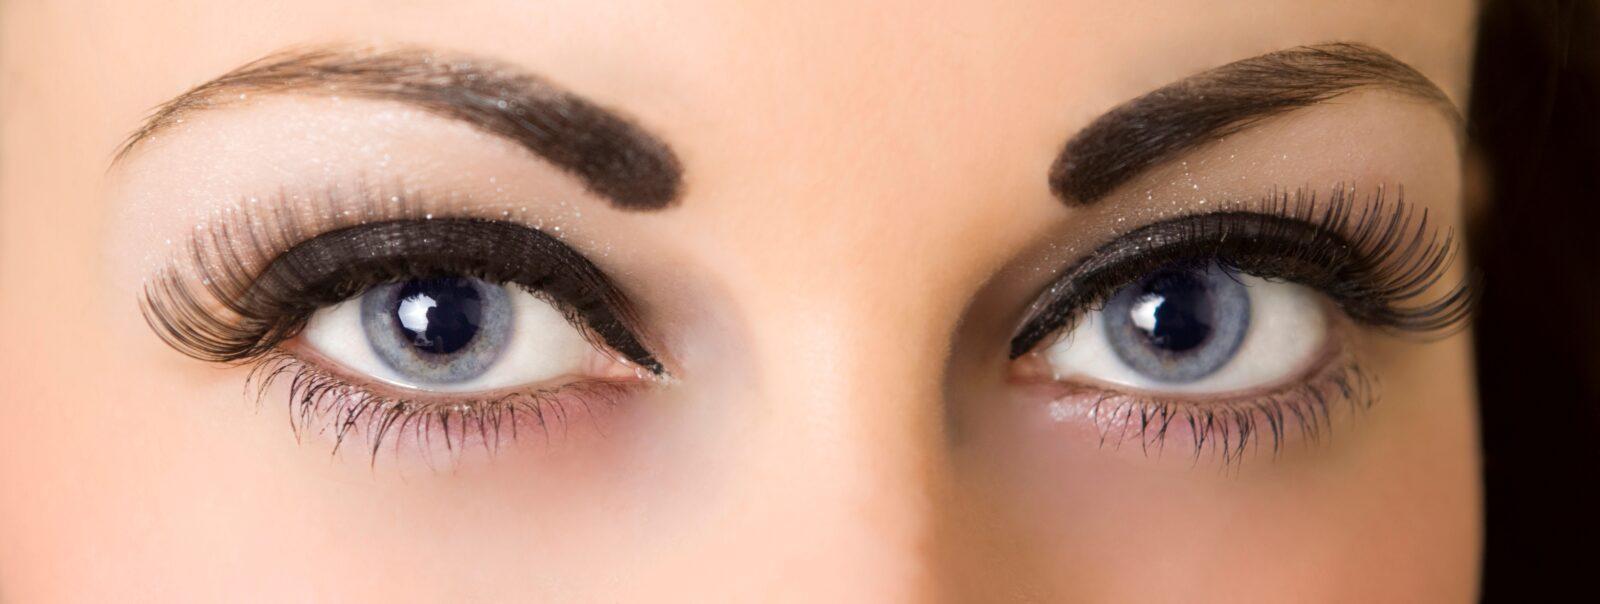 Как зависит характер женщины от цвета ее глаз